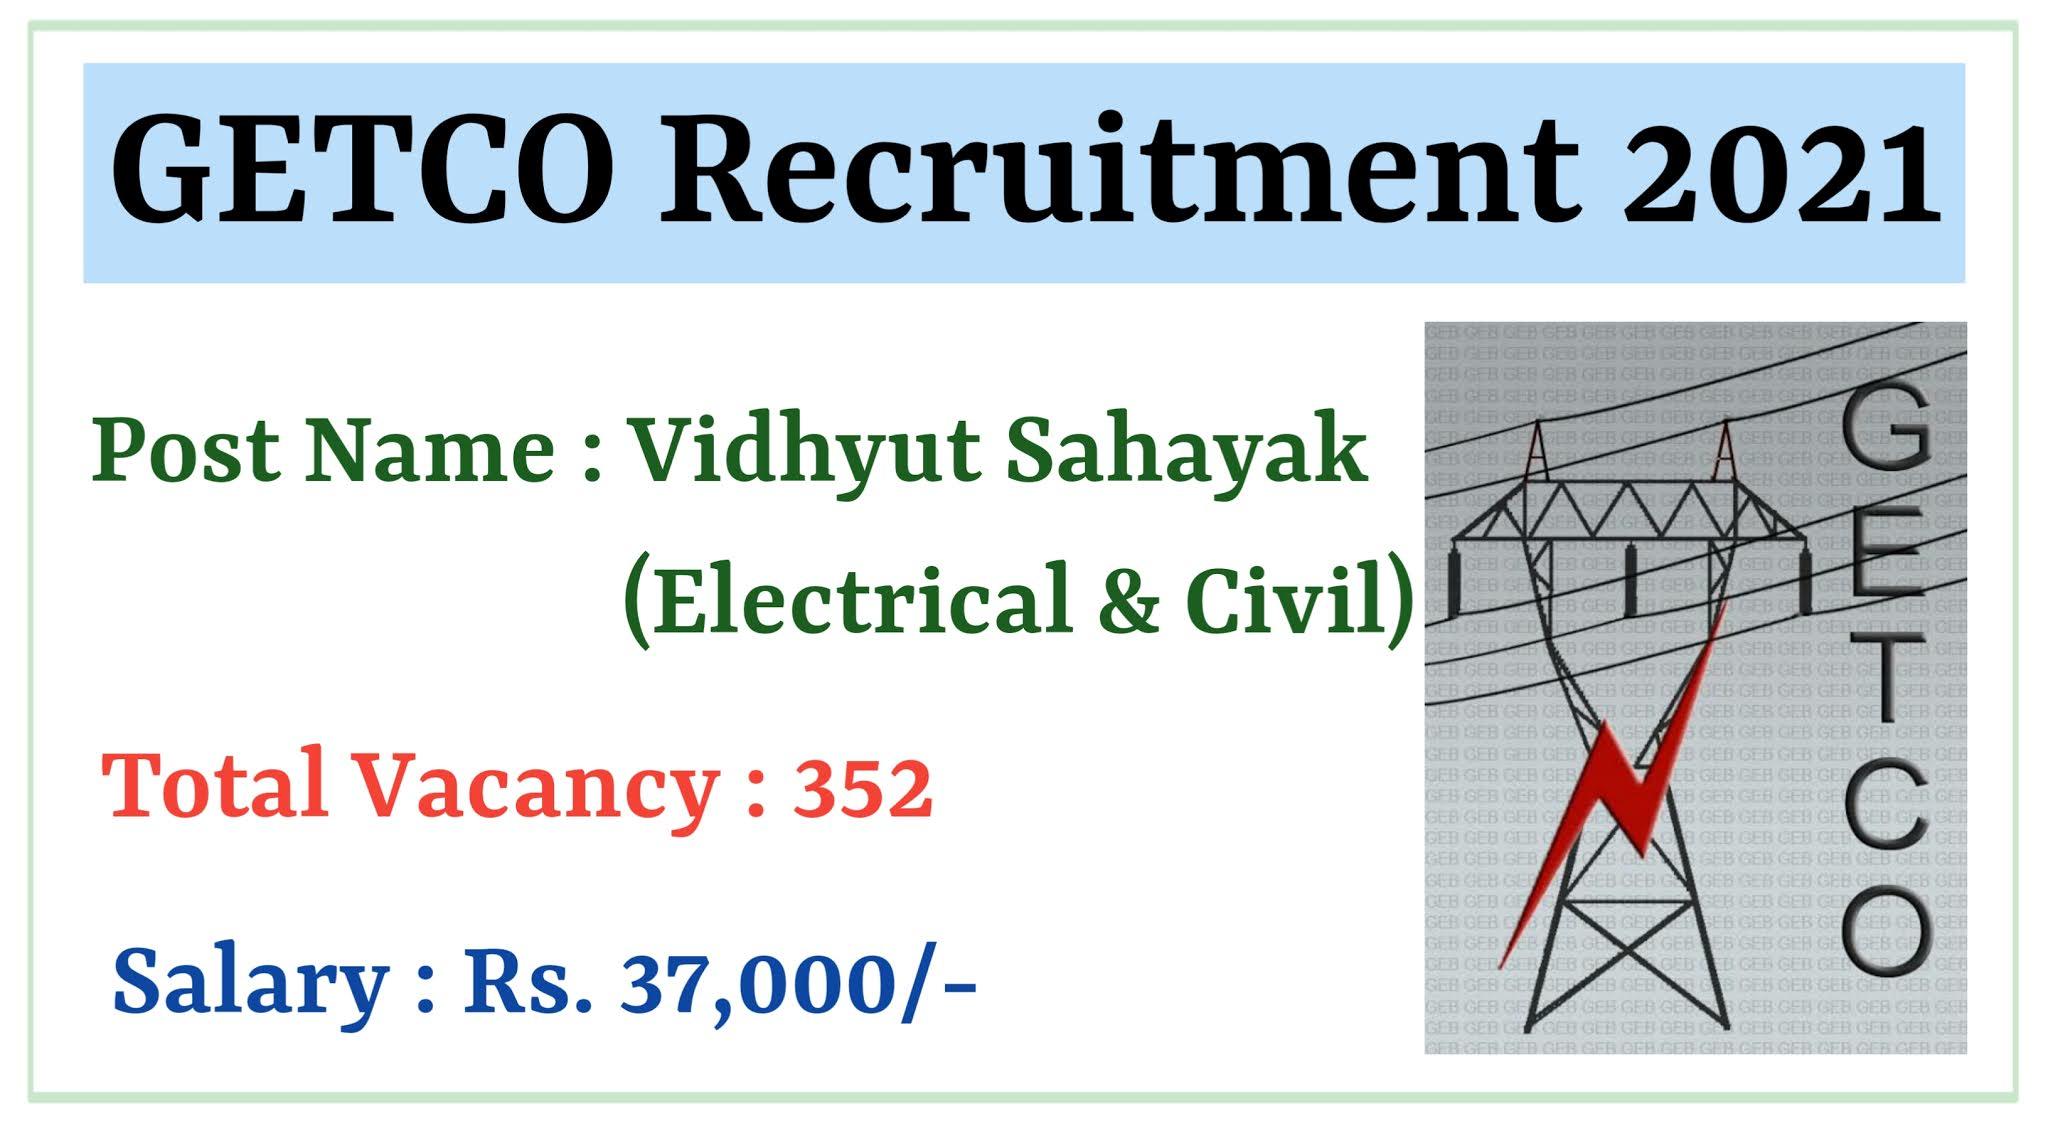 GETCO Recruitment 2021 | GETCO JE Recruitment 2021 | GETCO junior engineer recruitment 2021 | GETCO vidhyut sahayak recruitment 2021 | GETCO recruitment 2021 education qualification | GETCO Recruitment apply online